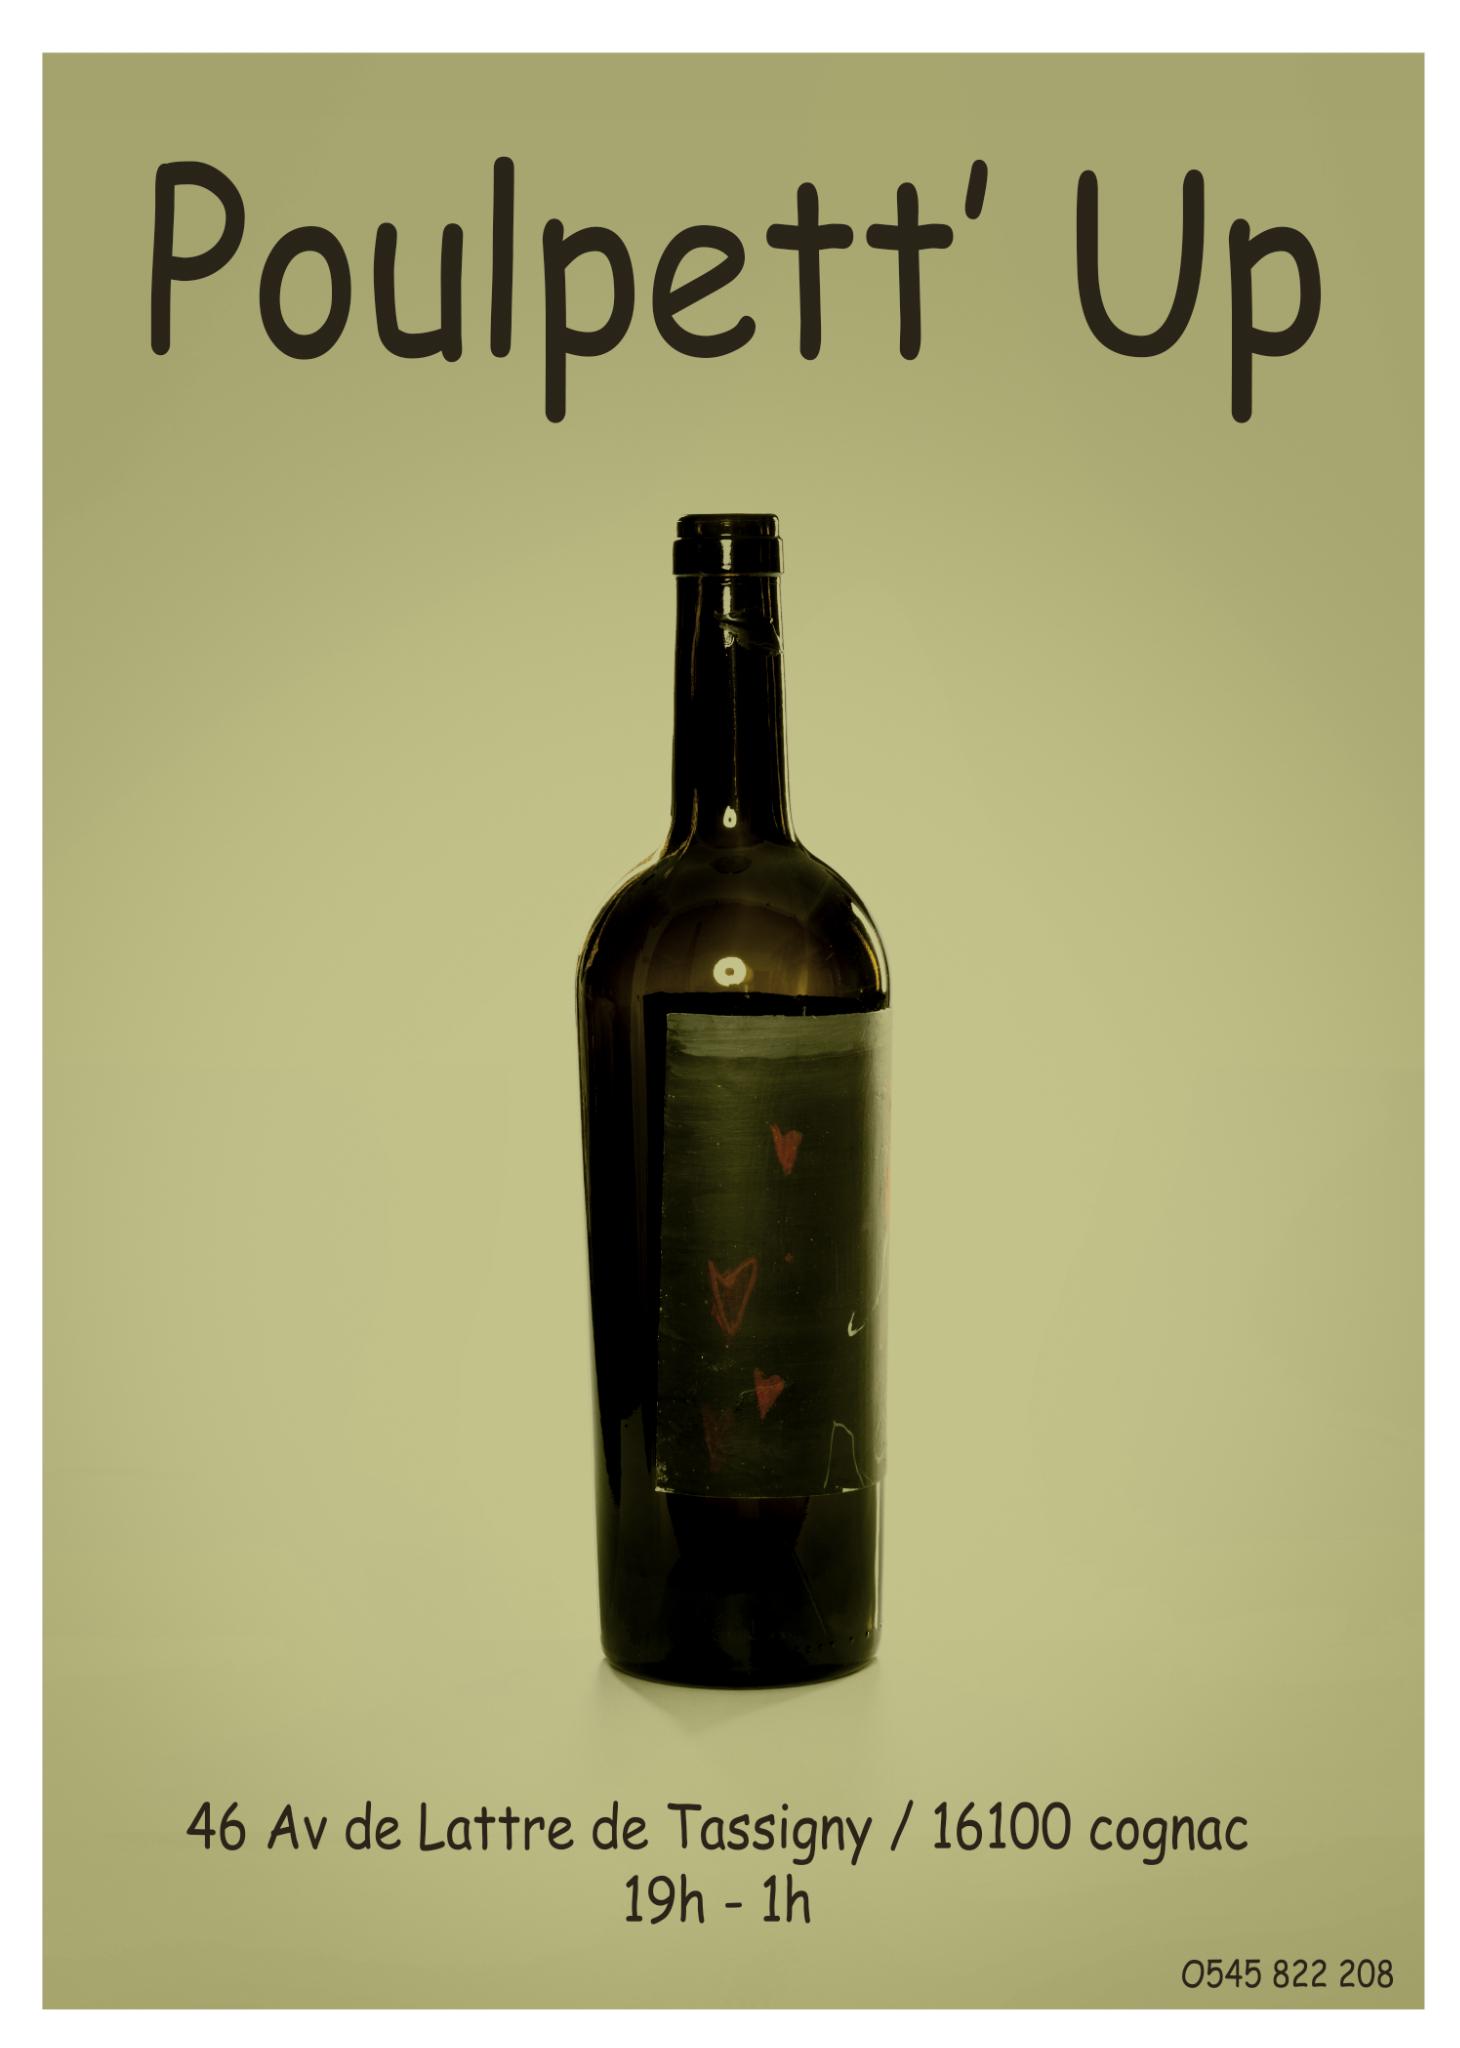 Quoi? - Du vin, des baozi , de la musique et du chocolat !Poulpett'up tous les Samedis soirs chez Poulpettesans réservation de 19h à 1h.https://www.instagram.com/poulpettup/